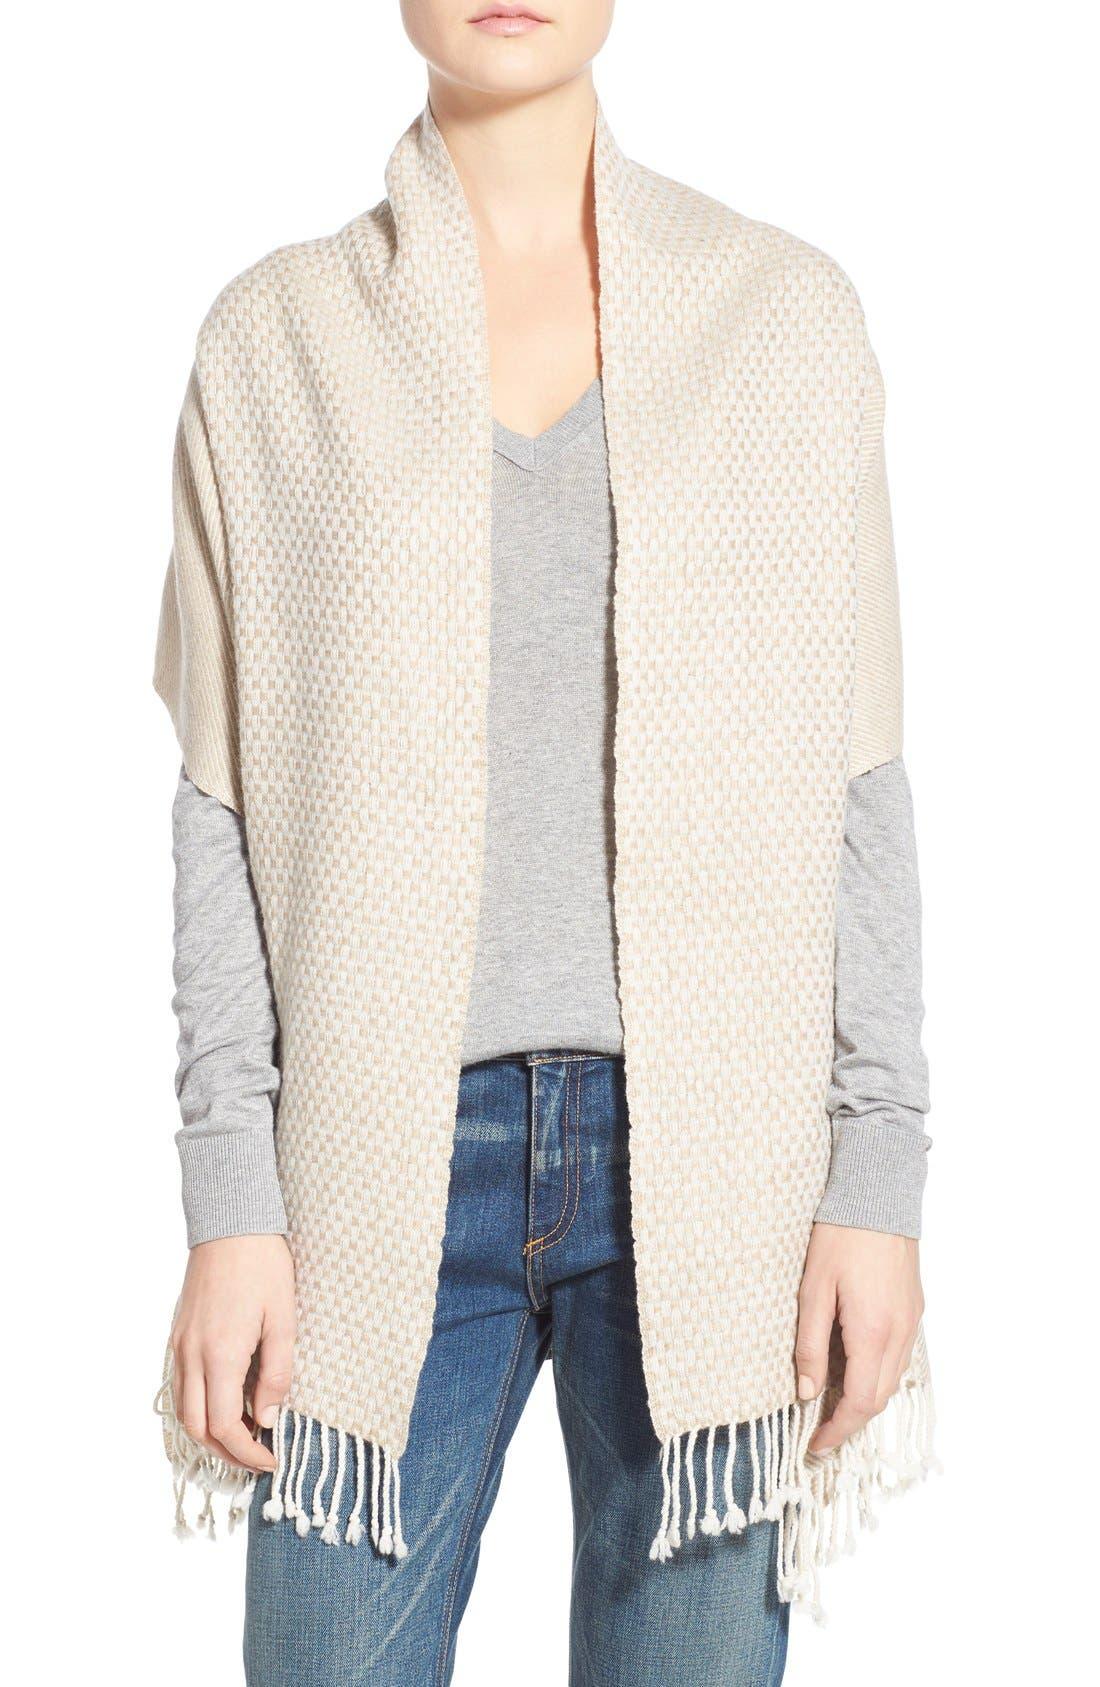 LA FIORENTINA Wool & Cashmere Shawl